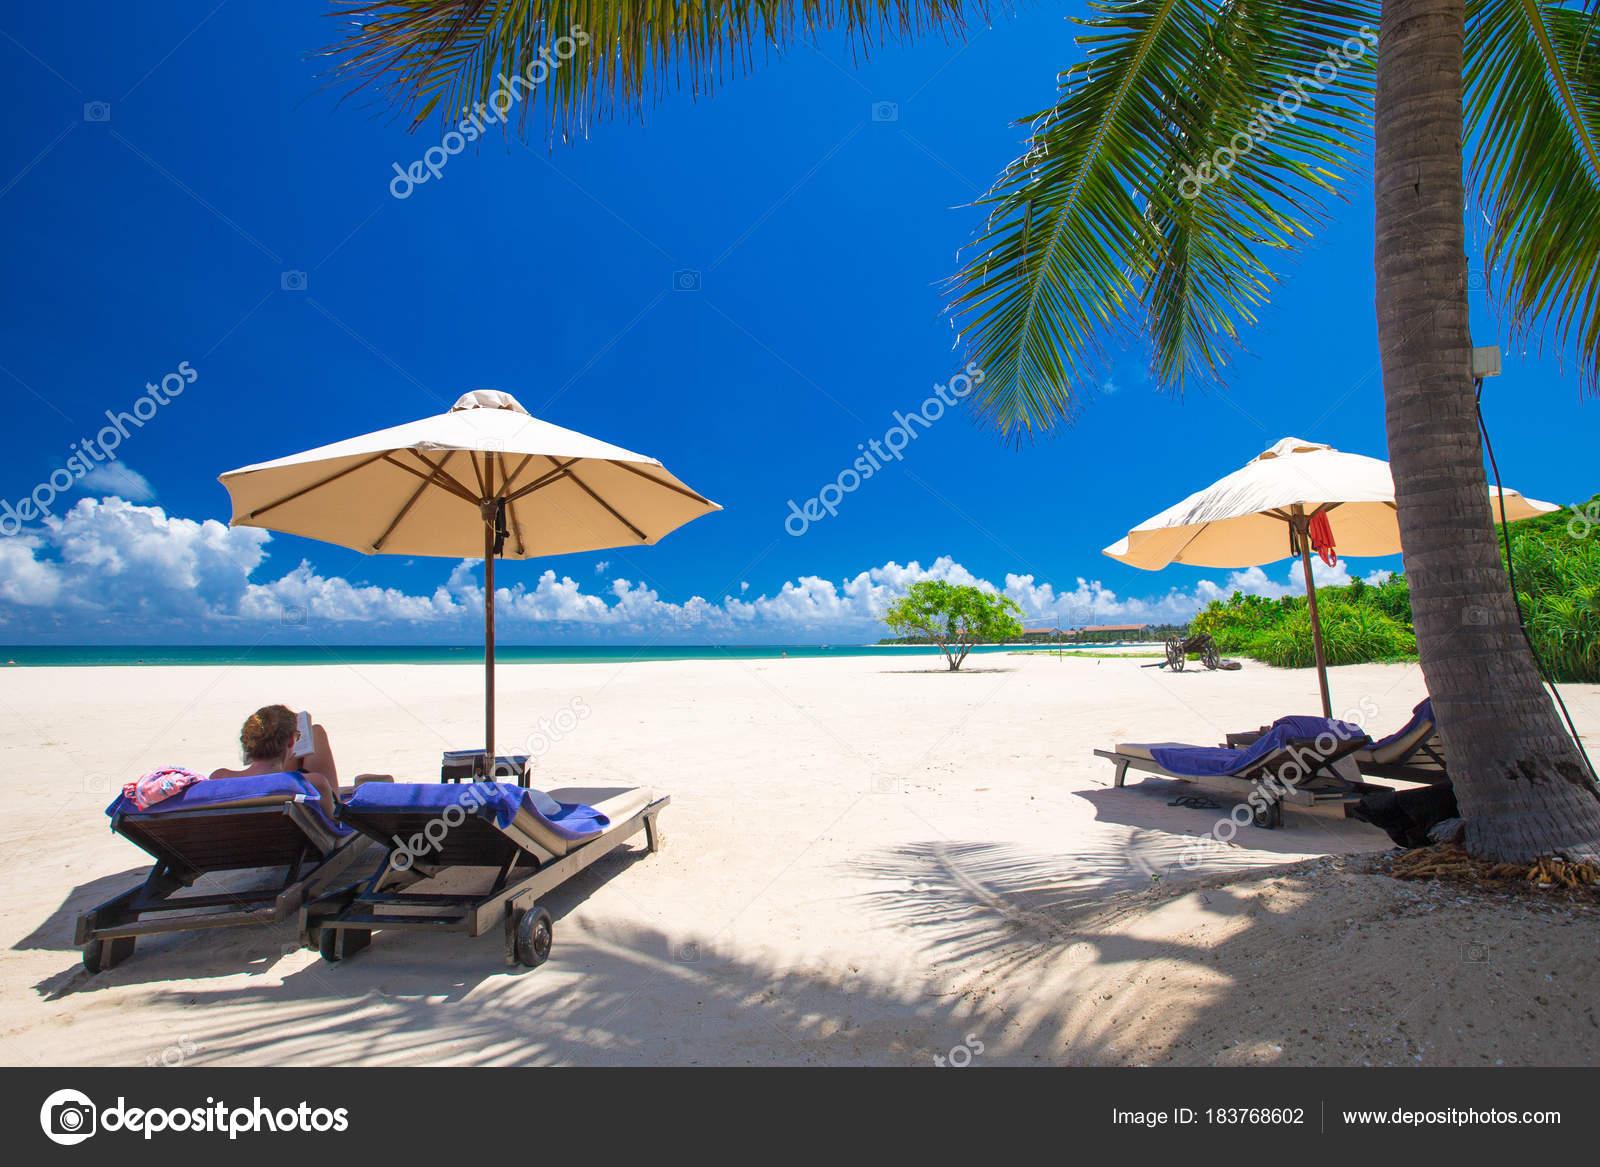 Sedie A Sdraio Per Spiaggia.Palme Sulla Spiaggia Sabbia Bianca Con Sedie Sdraio Ombrelloni